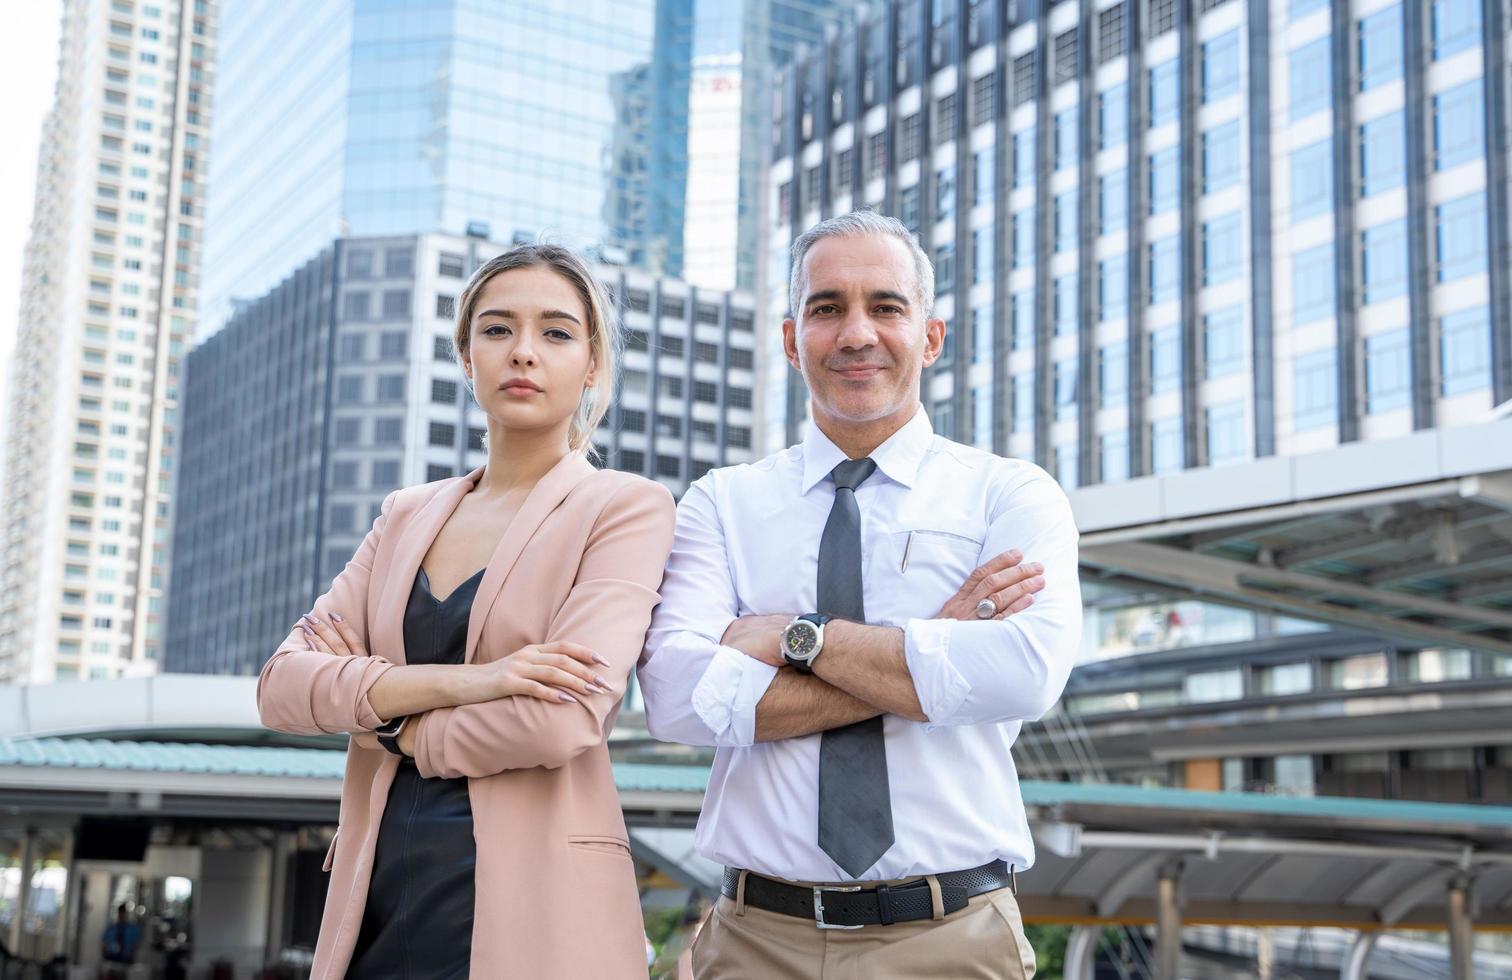 man en vrouw met kantoorgebouwen foto